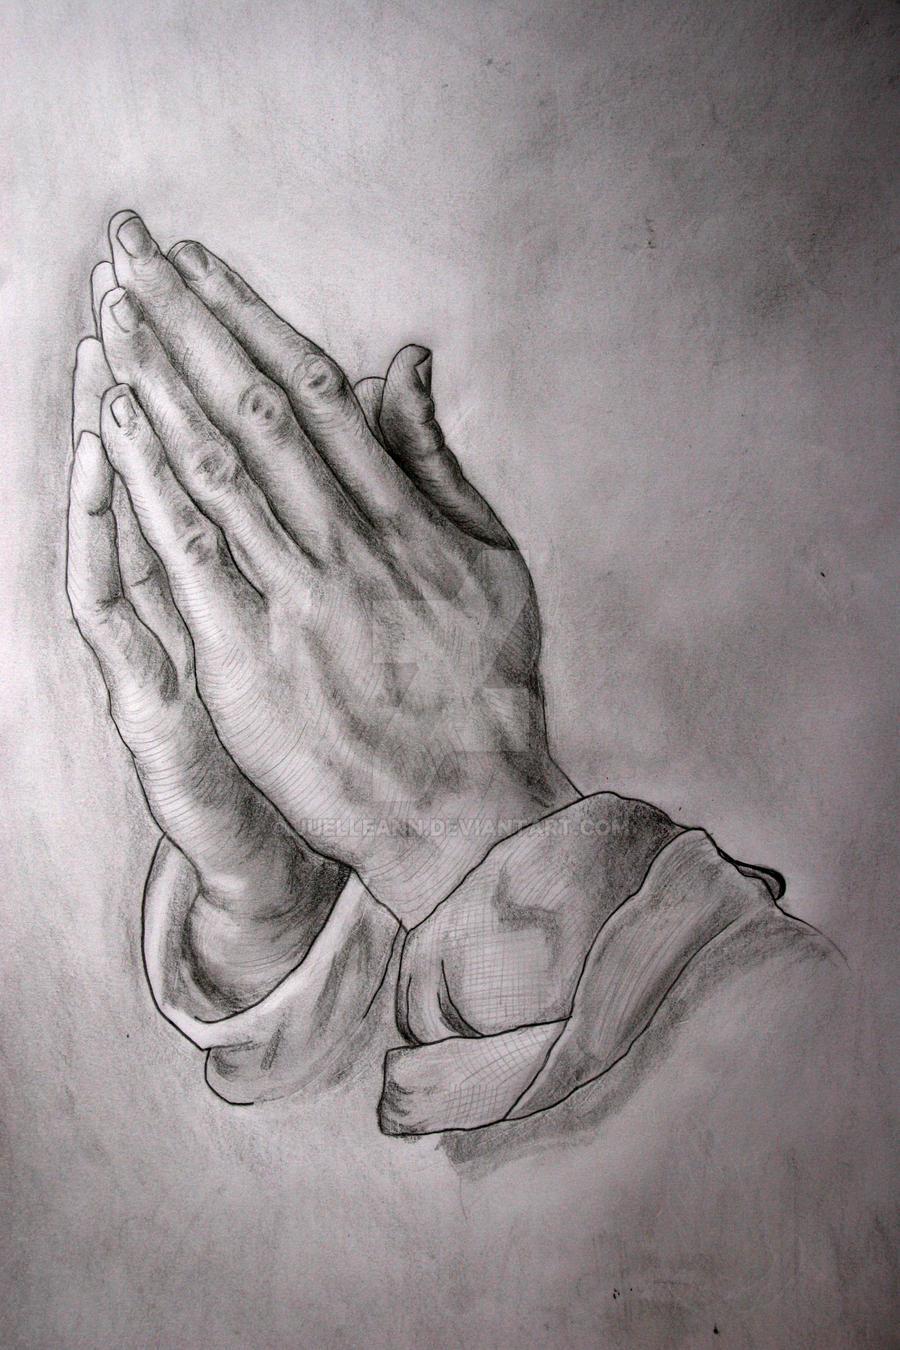 Albrecht Durer's Praying Hands by juelleann on DeviantArt